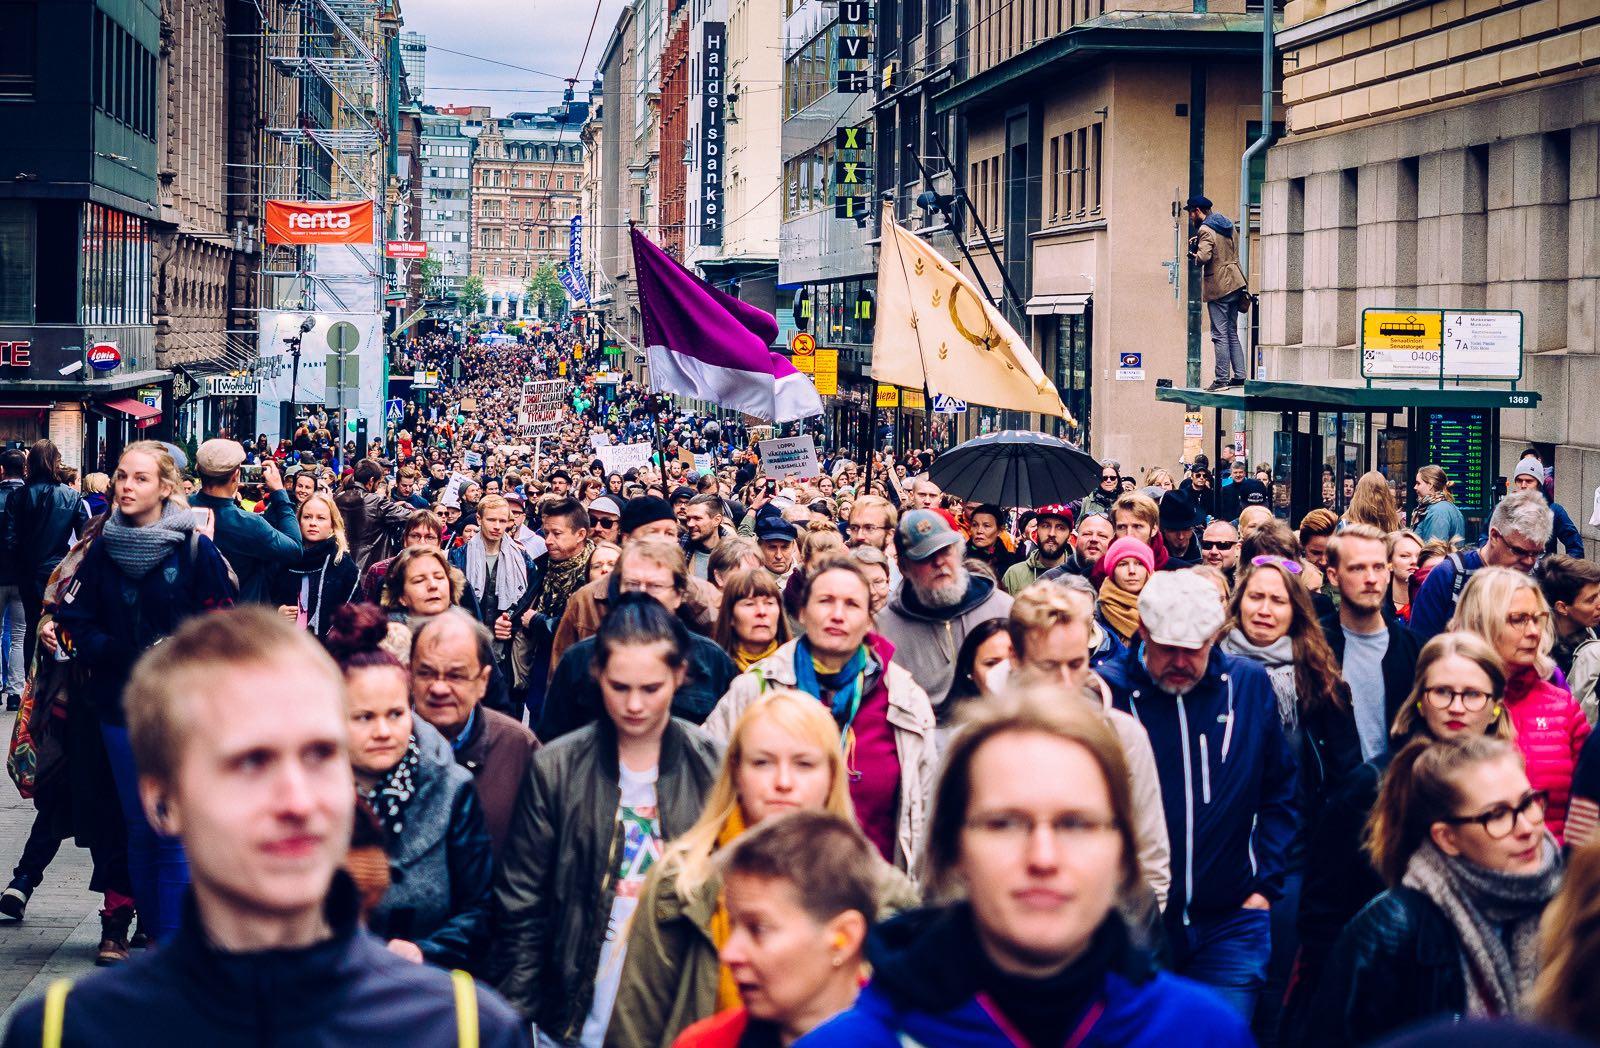 peli-poikki-anti-racist-march-3